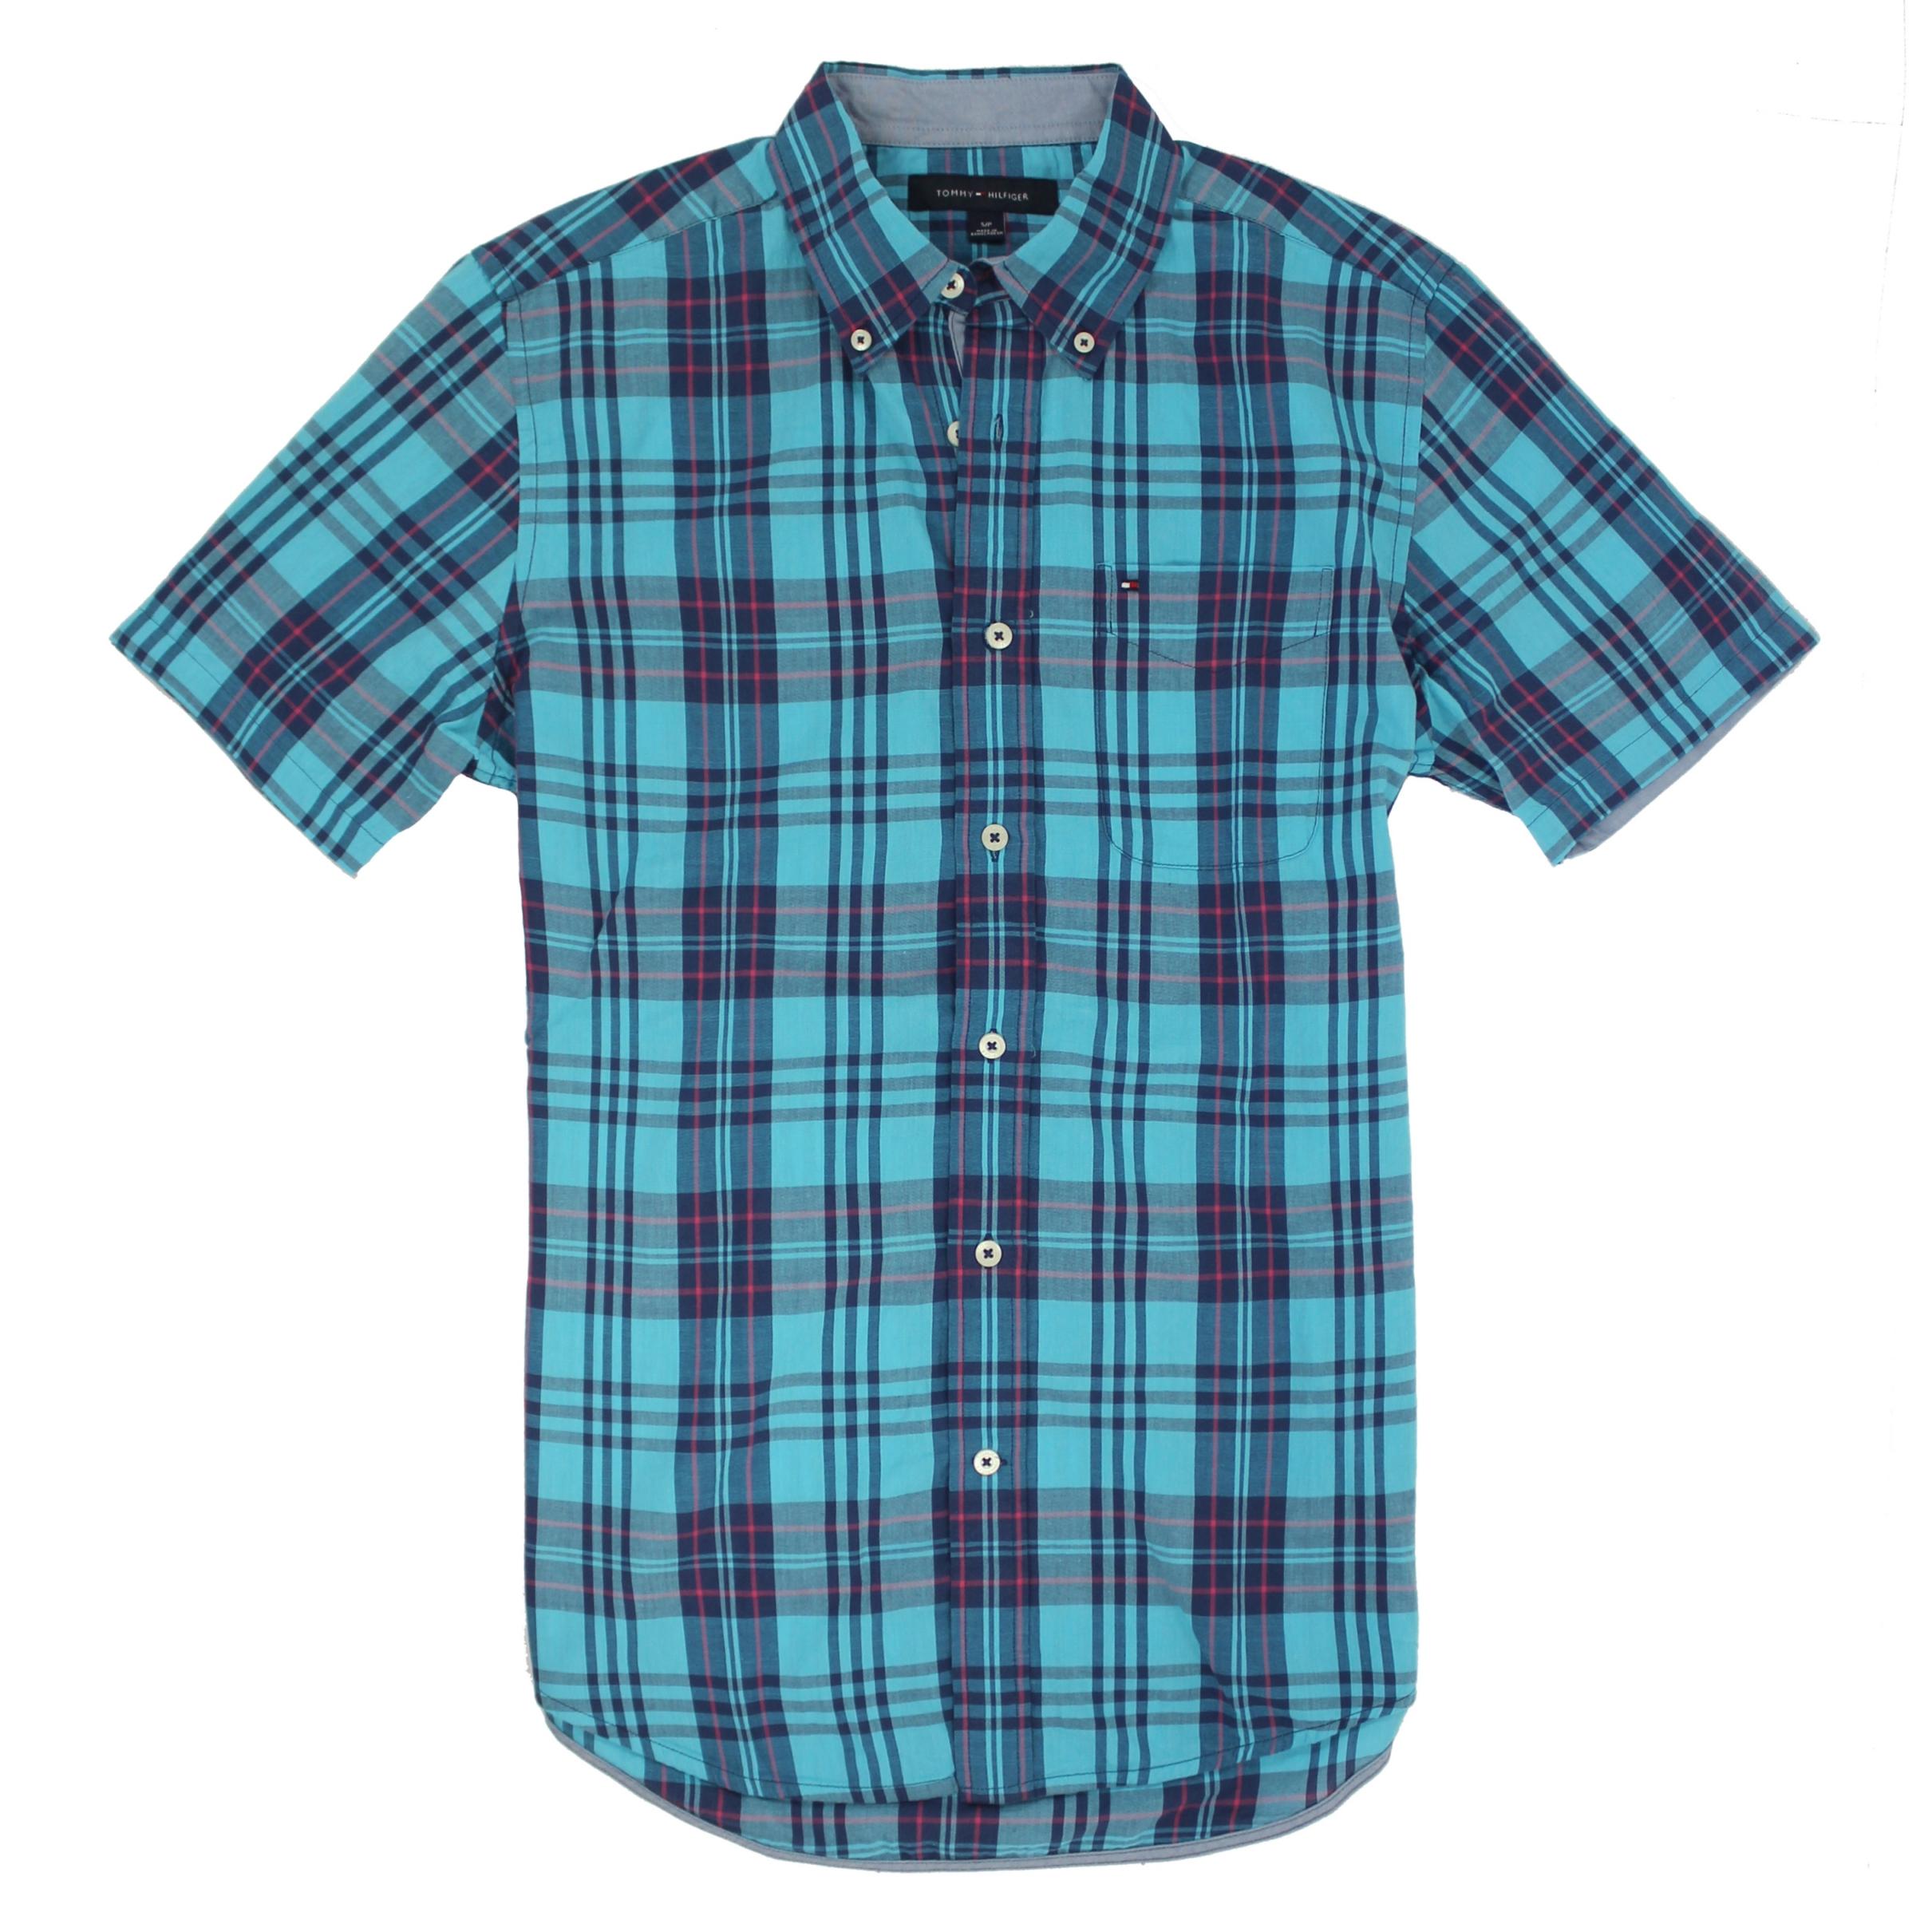 美國百分百【全新真品】Tommy Hilfiger TH 男 襯衫 短袖 上衣 休閒 口袋 藍綠色 格紋 S號 E140